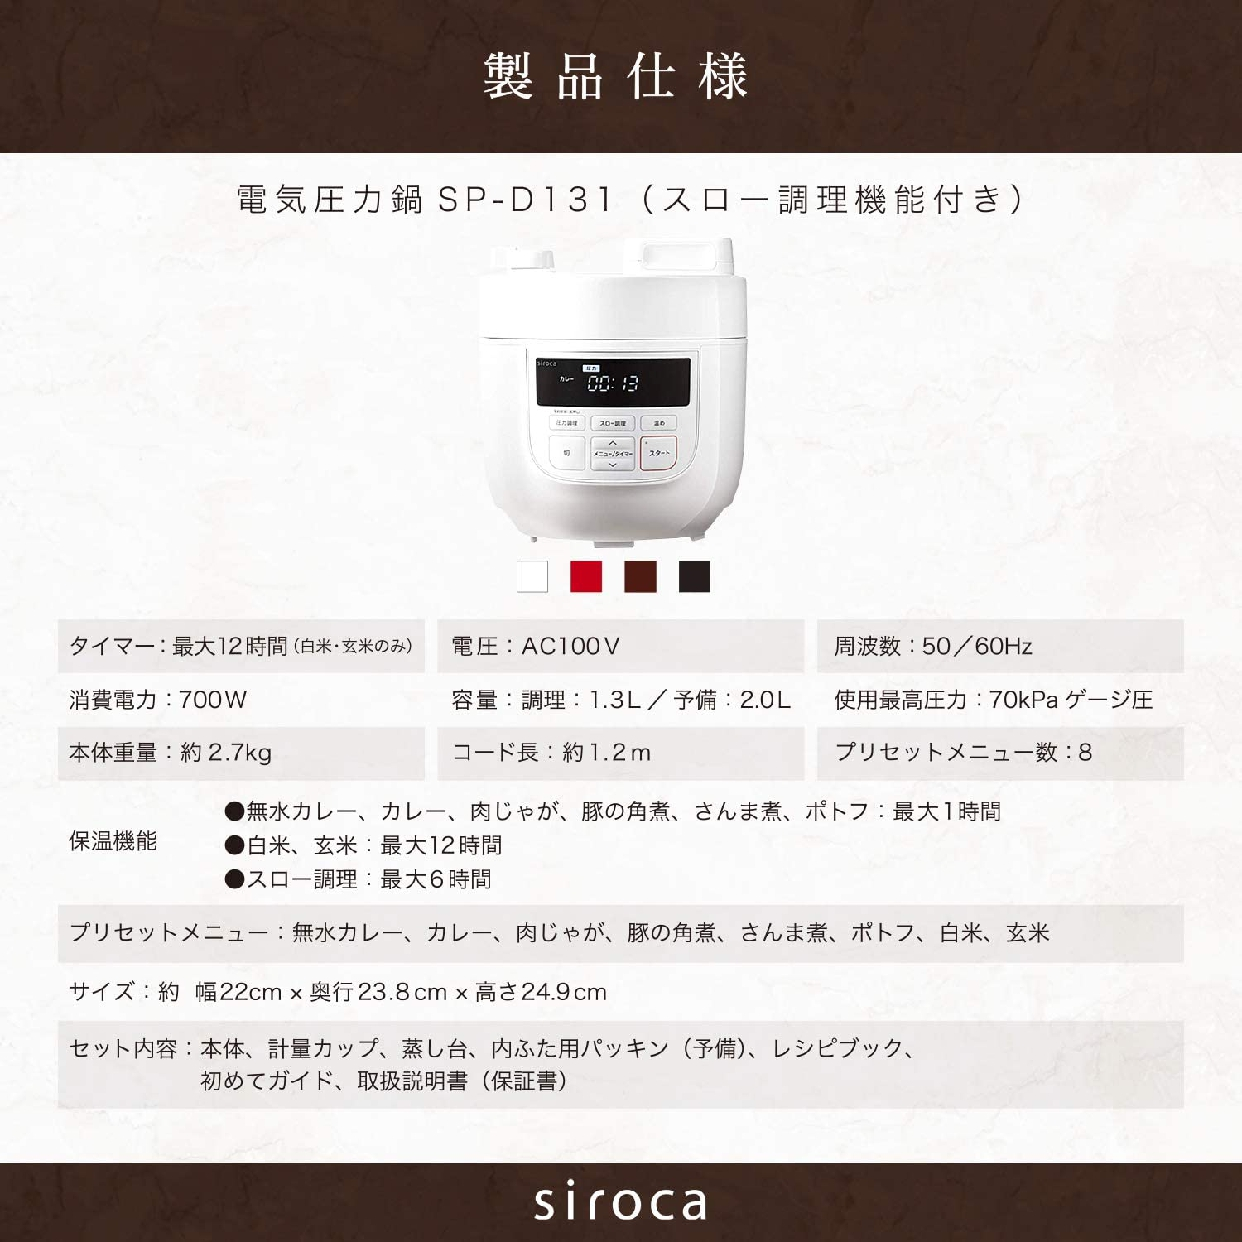 siroca(シロカ) 電気圧力鍋 SP-D131 ホワイトの商品画像2